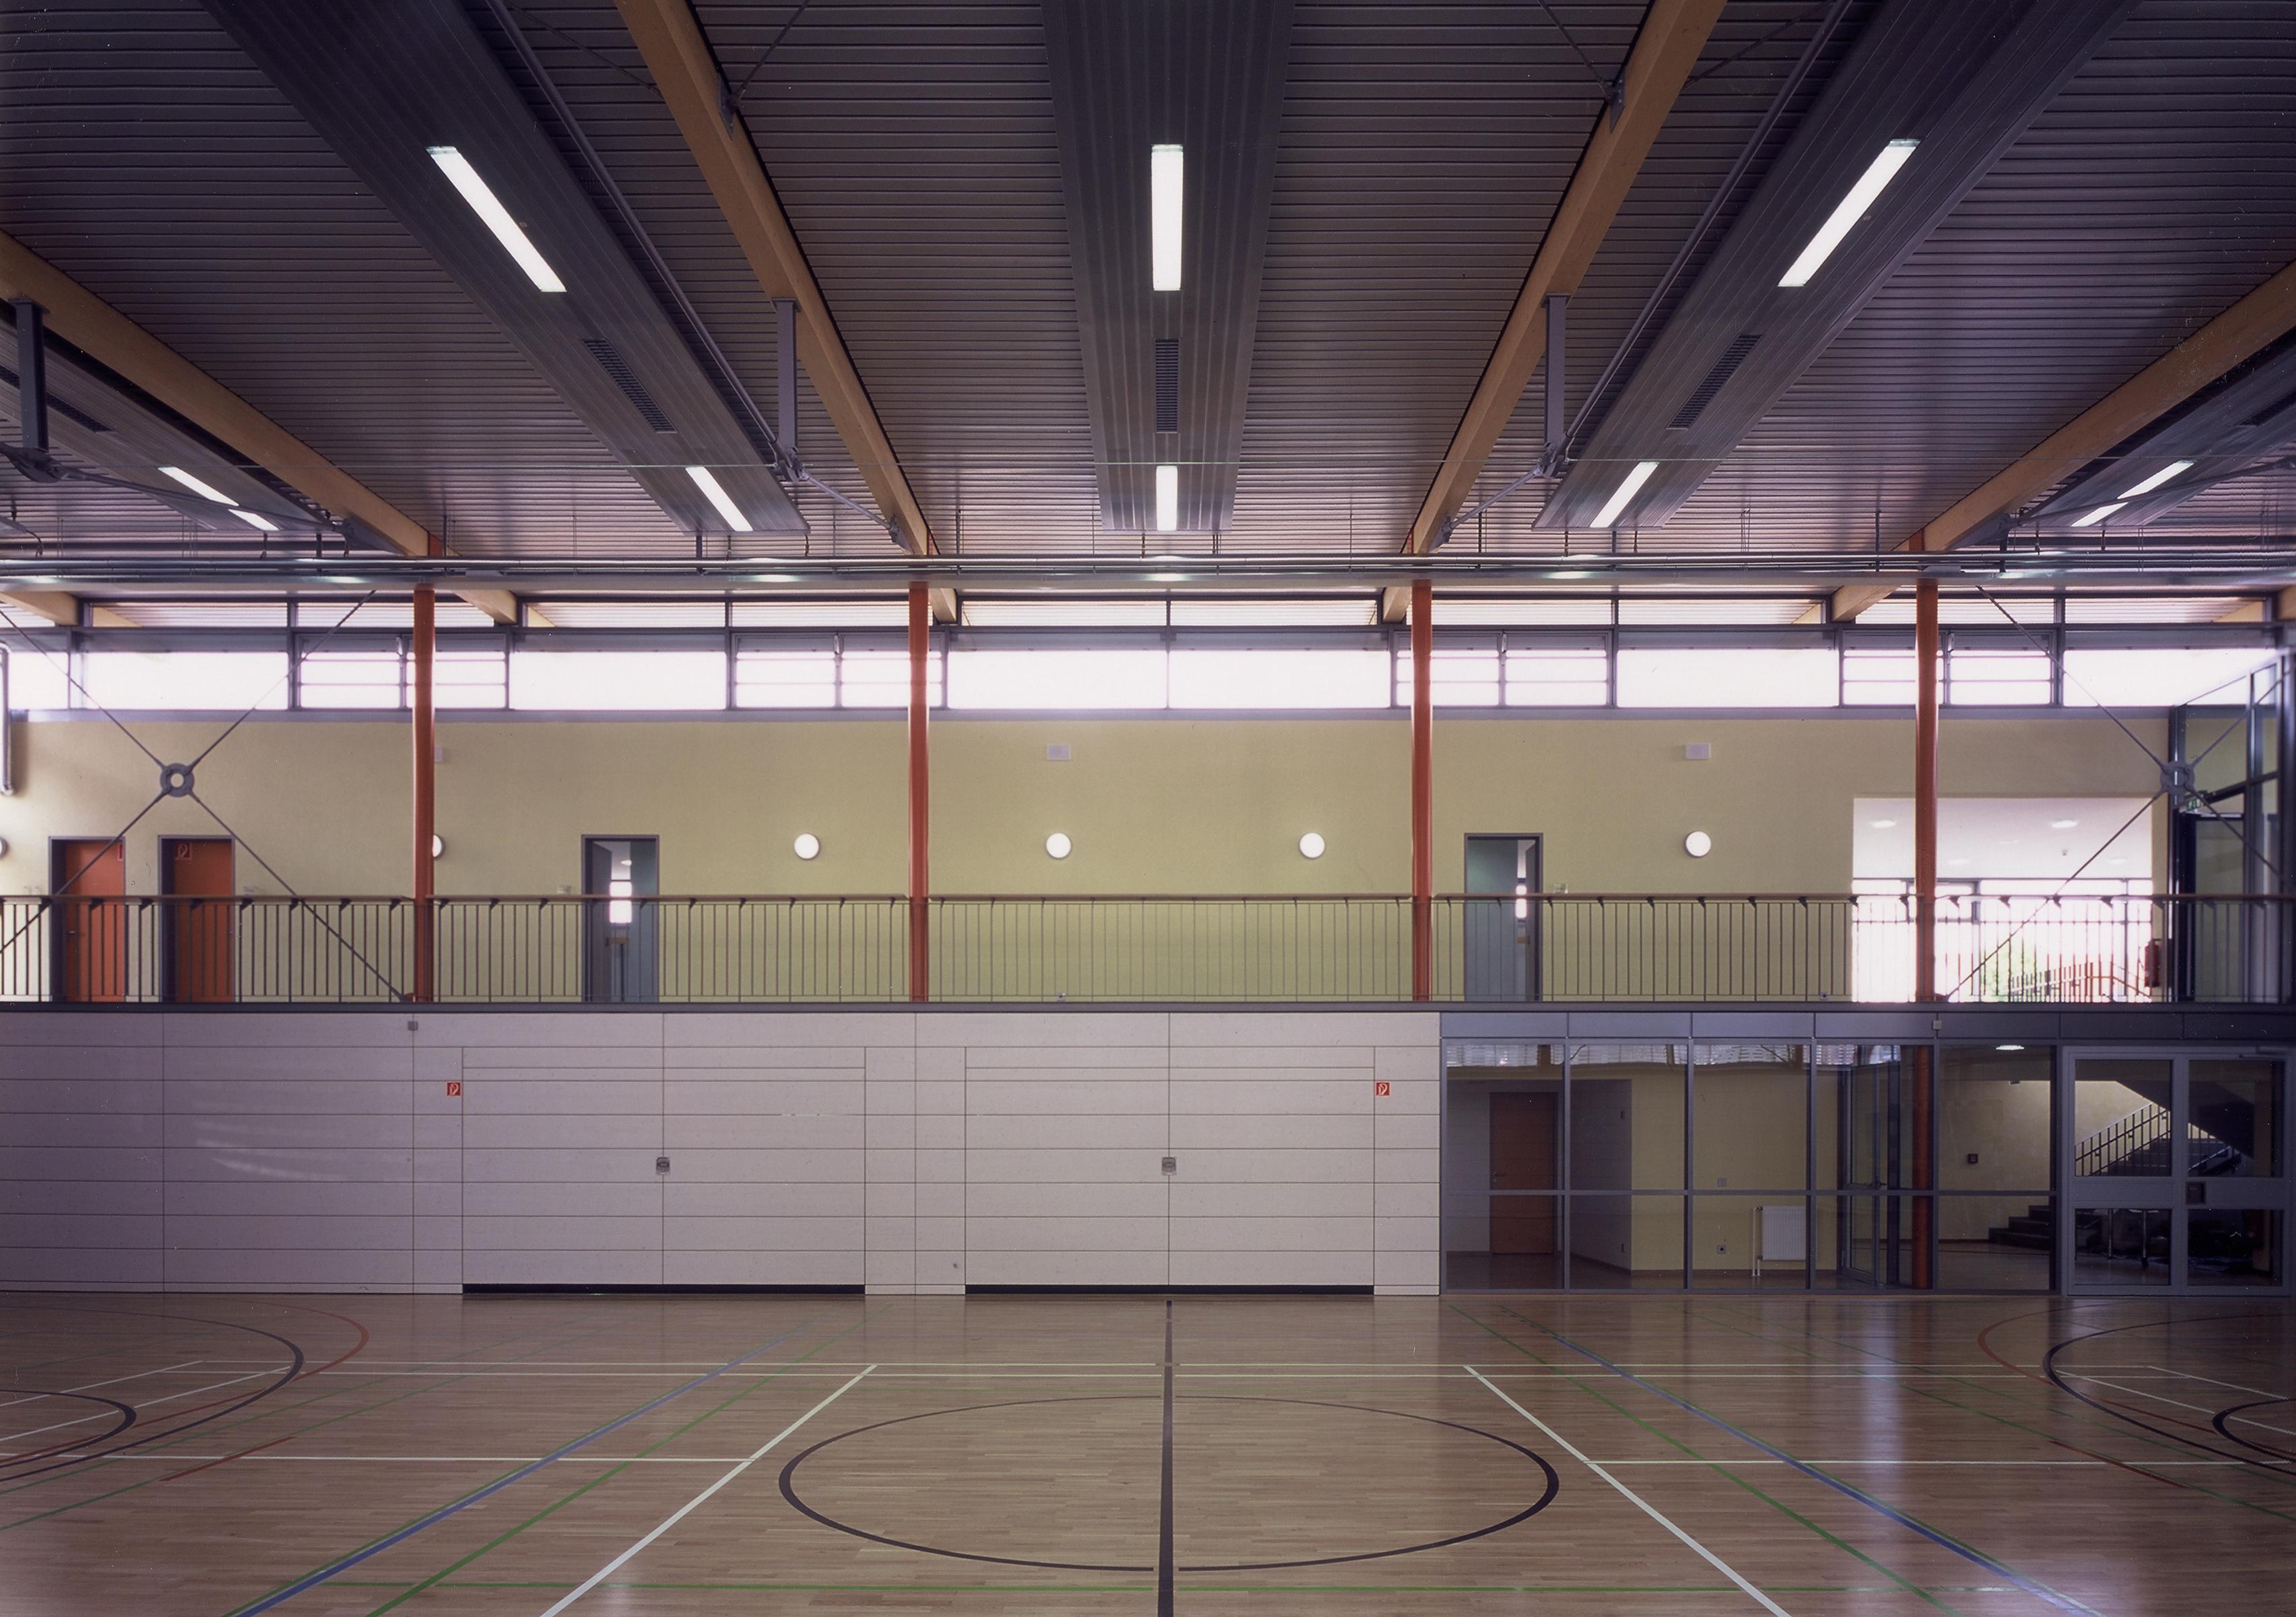 Sporthalle Flörsheim/Hattersheim